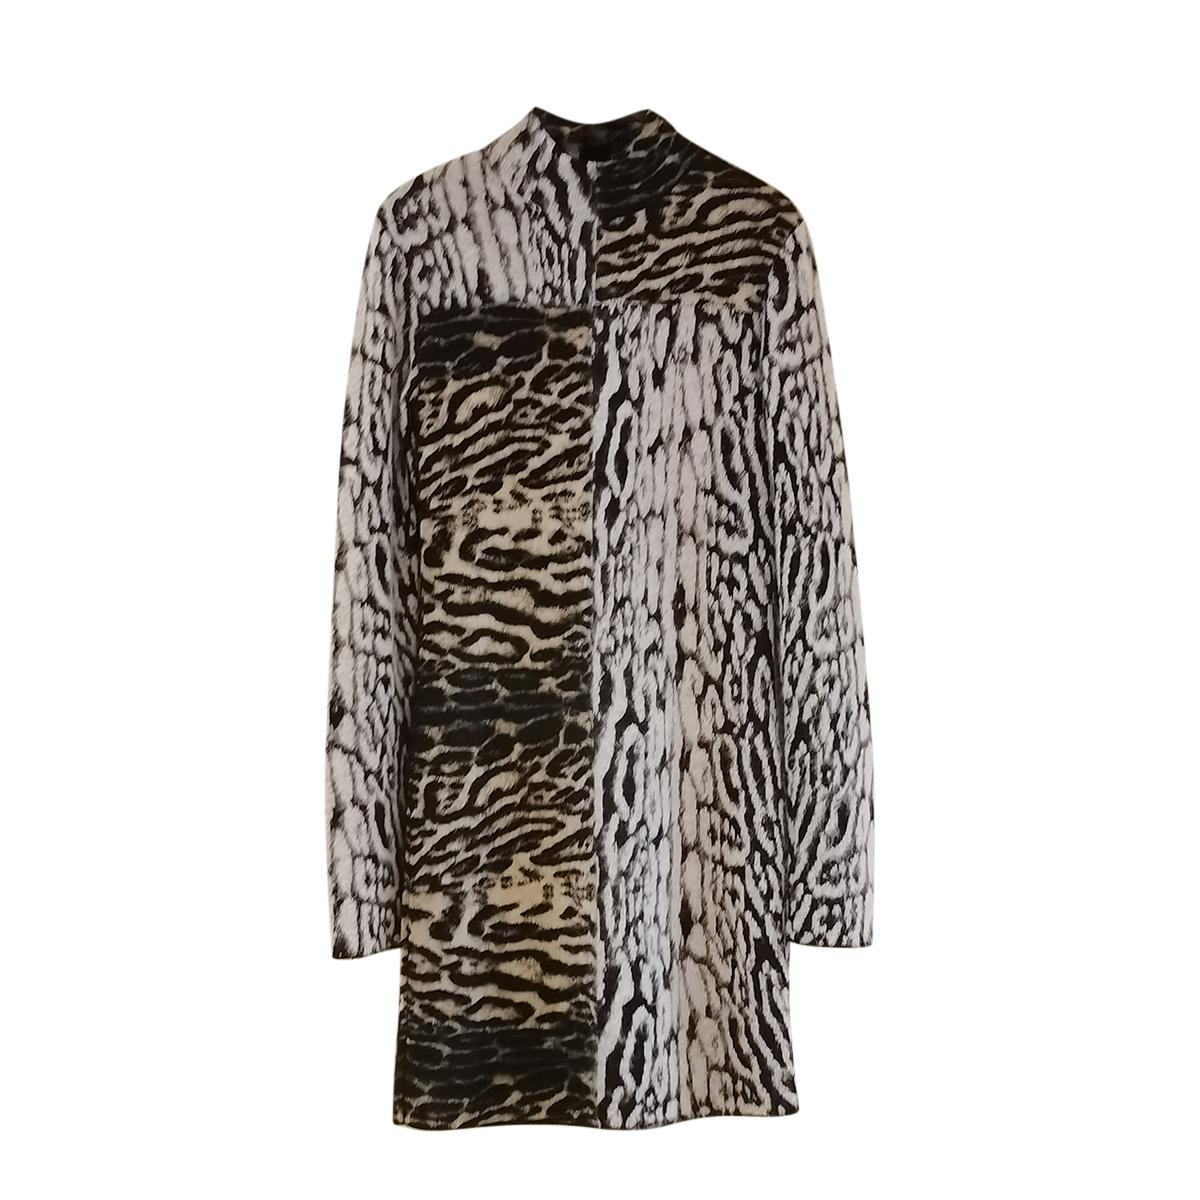 Roberto Cavalli Wool & Alpaca Blend Mini Dress